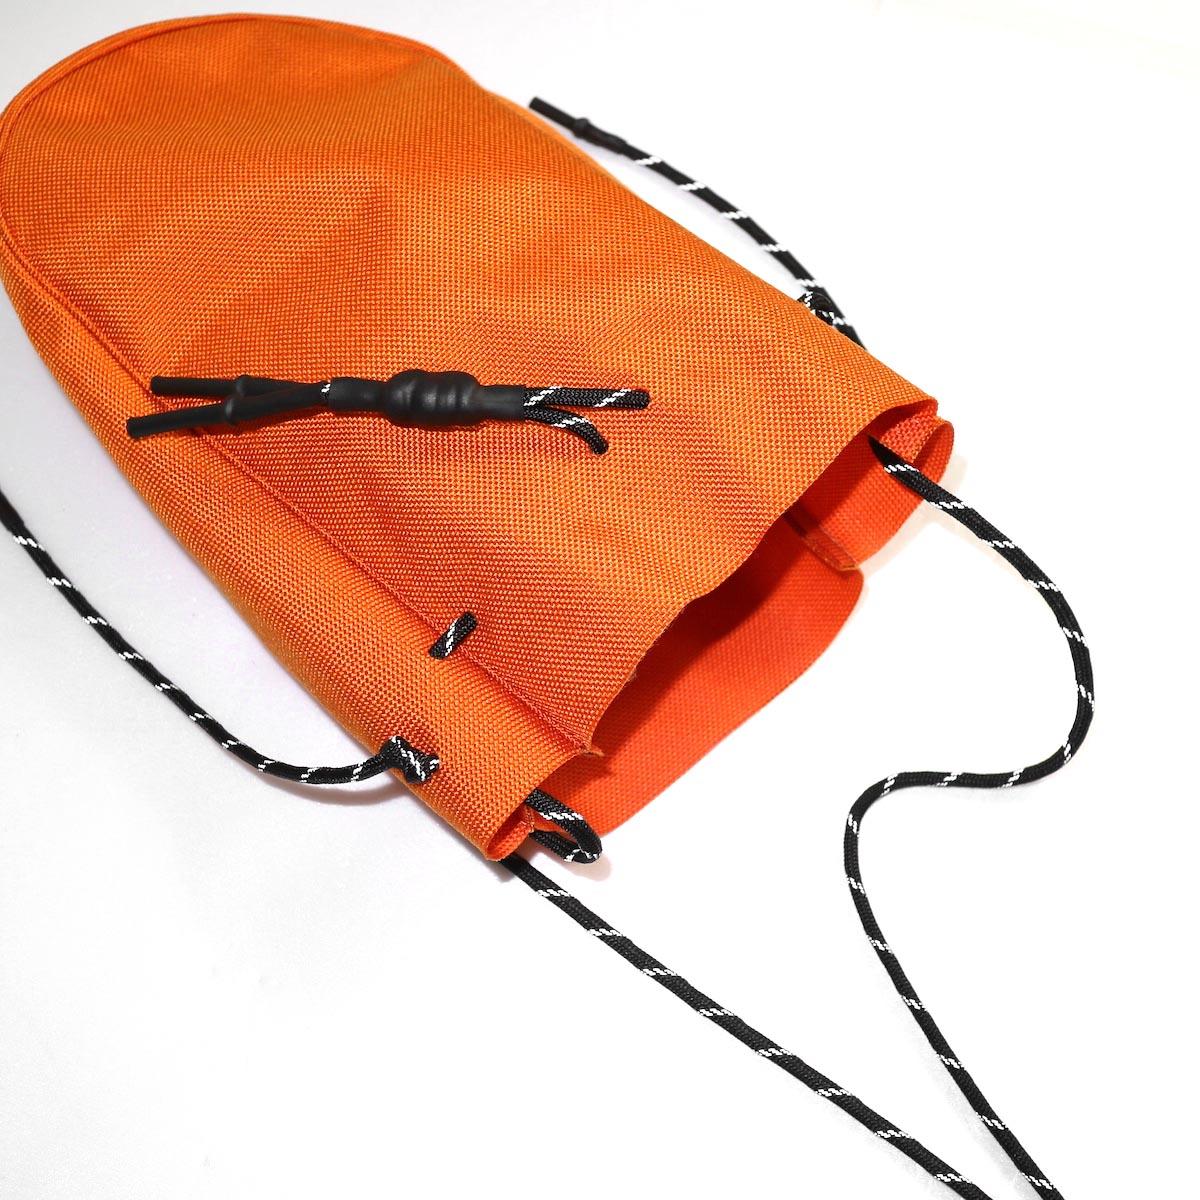 吉岡衣料店 / drawstring bag -S-. イメージ (orange)